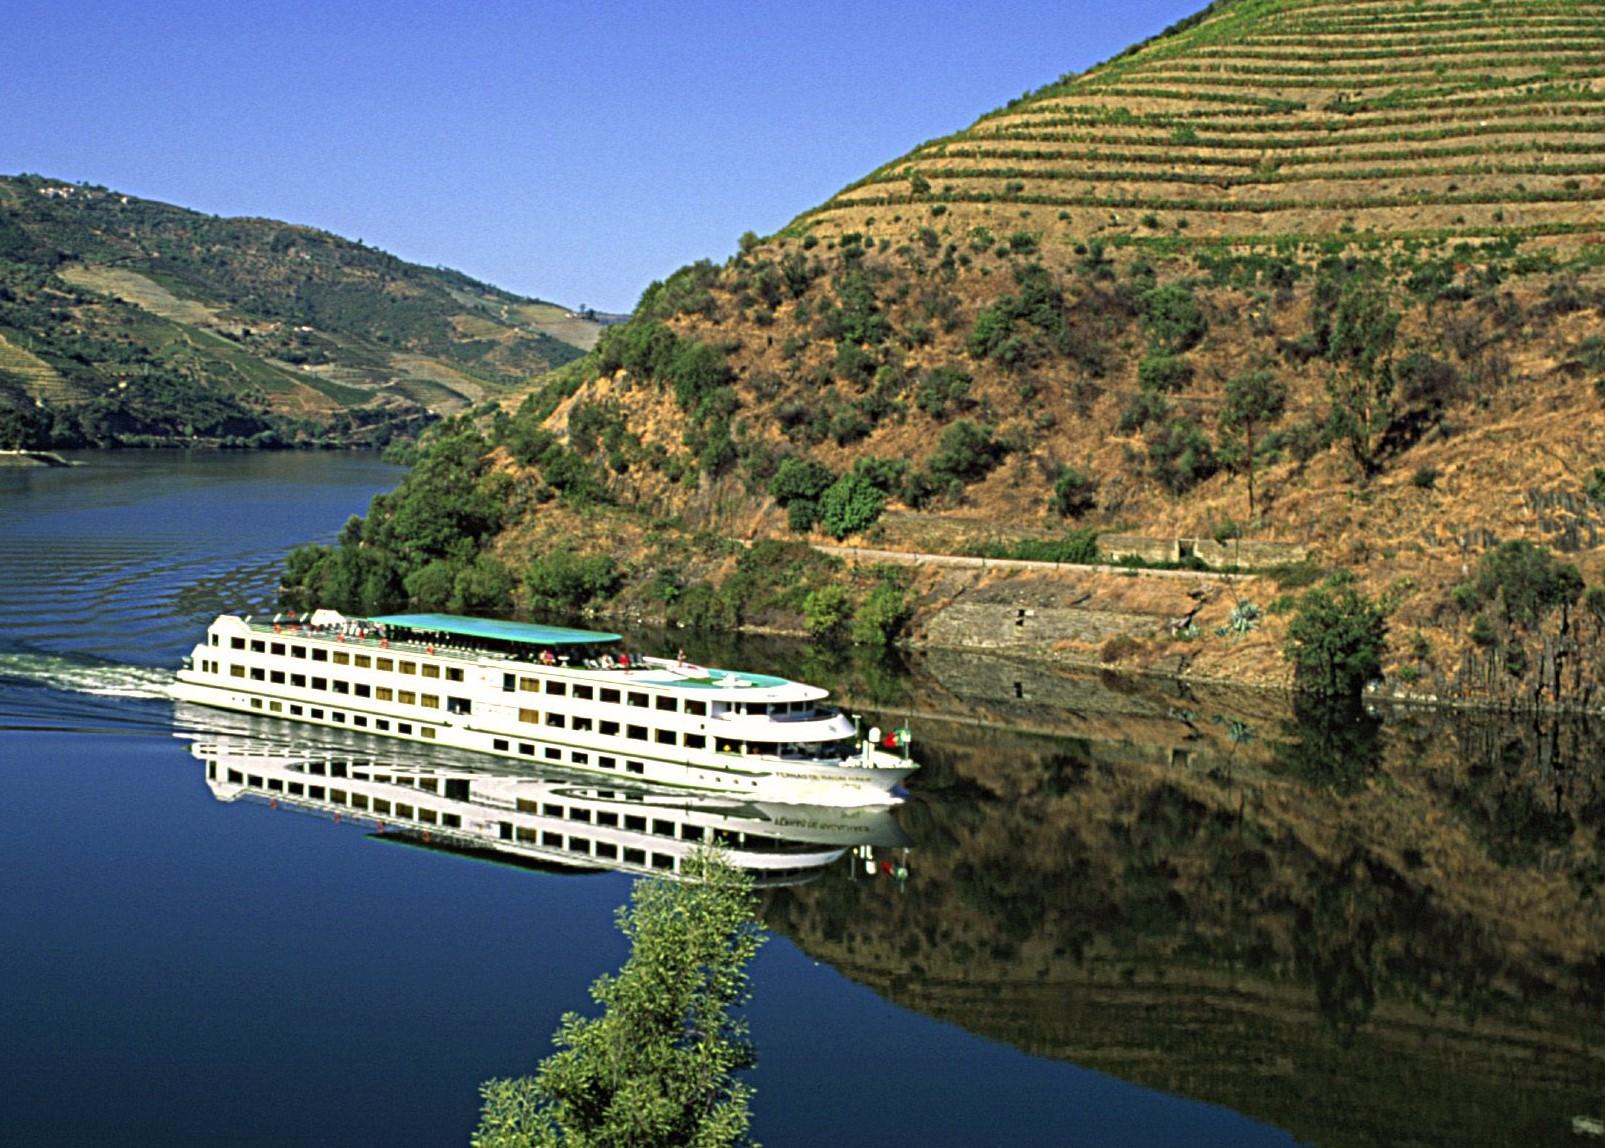 Danske Best Travel har købt norske Vista Travel, der ligesom sin nye danske ejer er stærk blandt andet på flodkrydstogter i Europa. PR-foto fra Vista Travel.